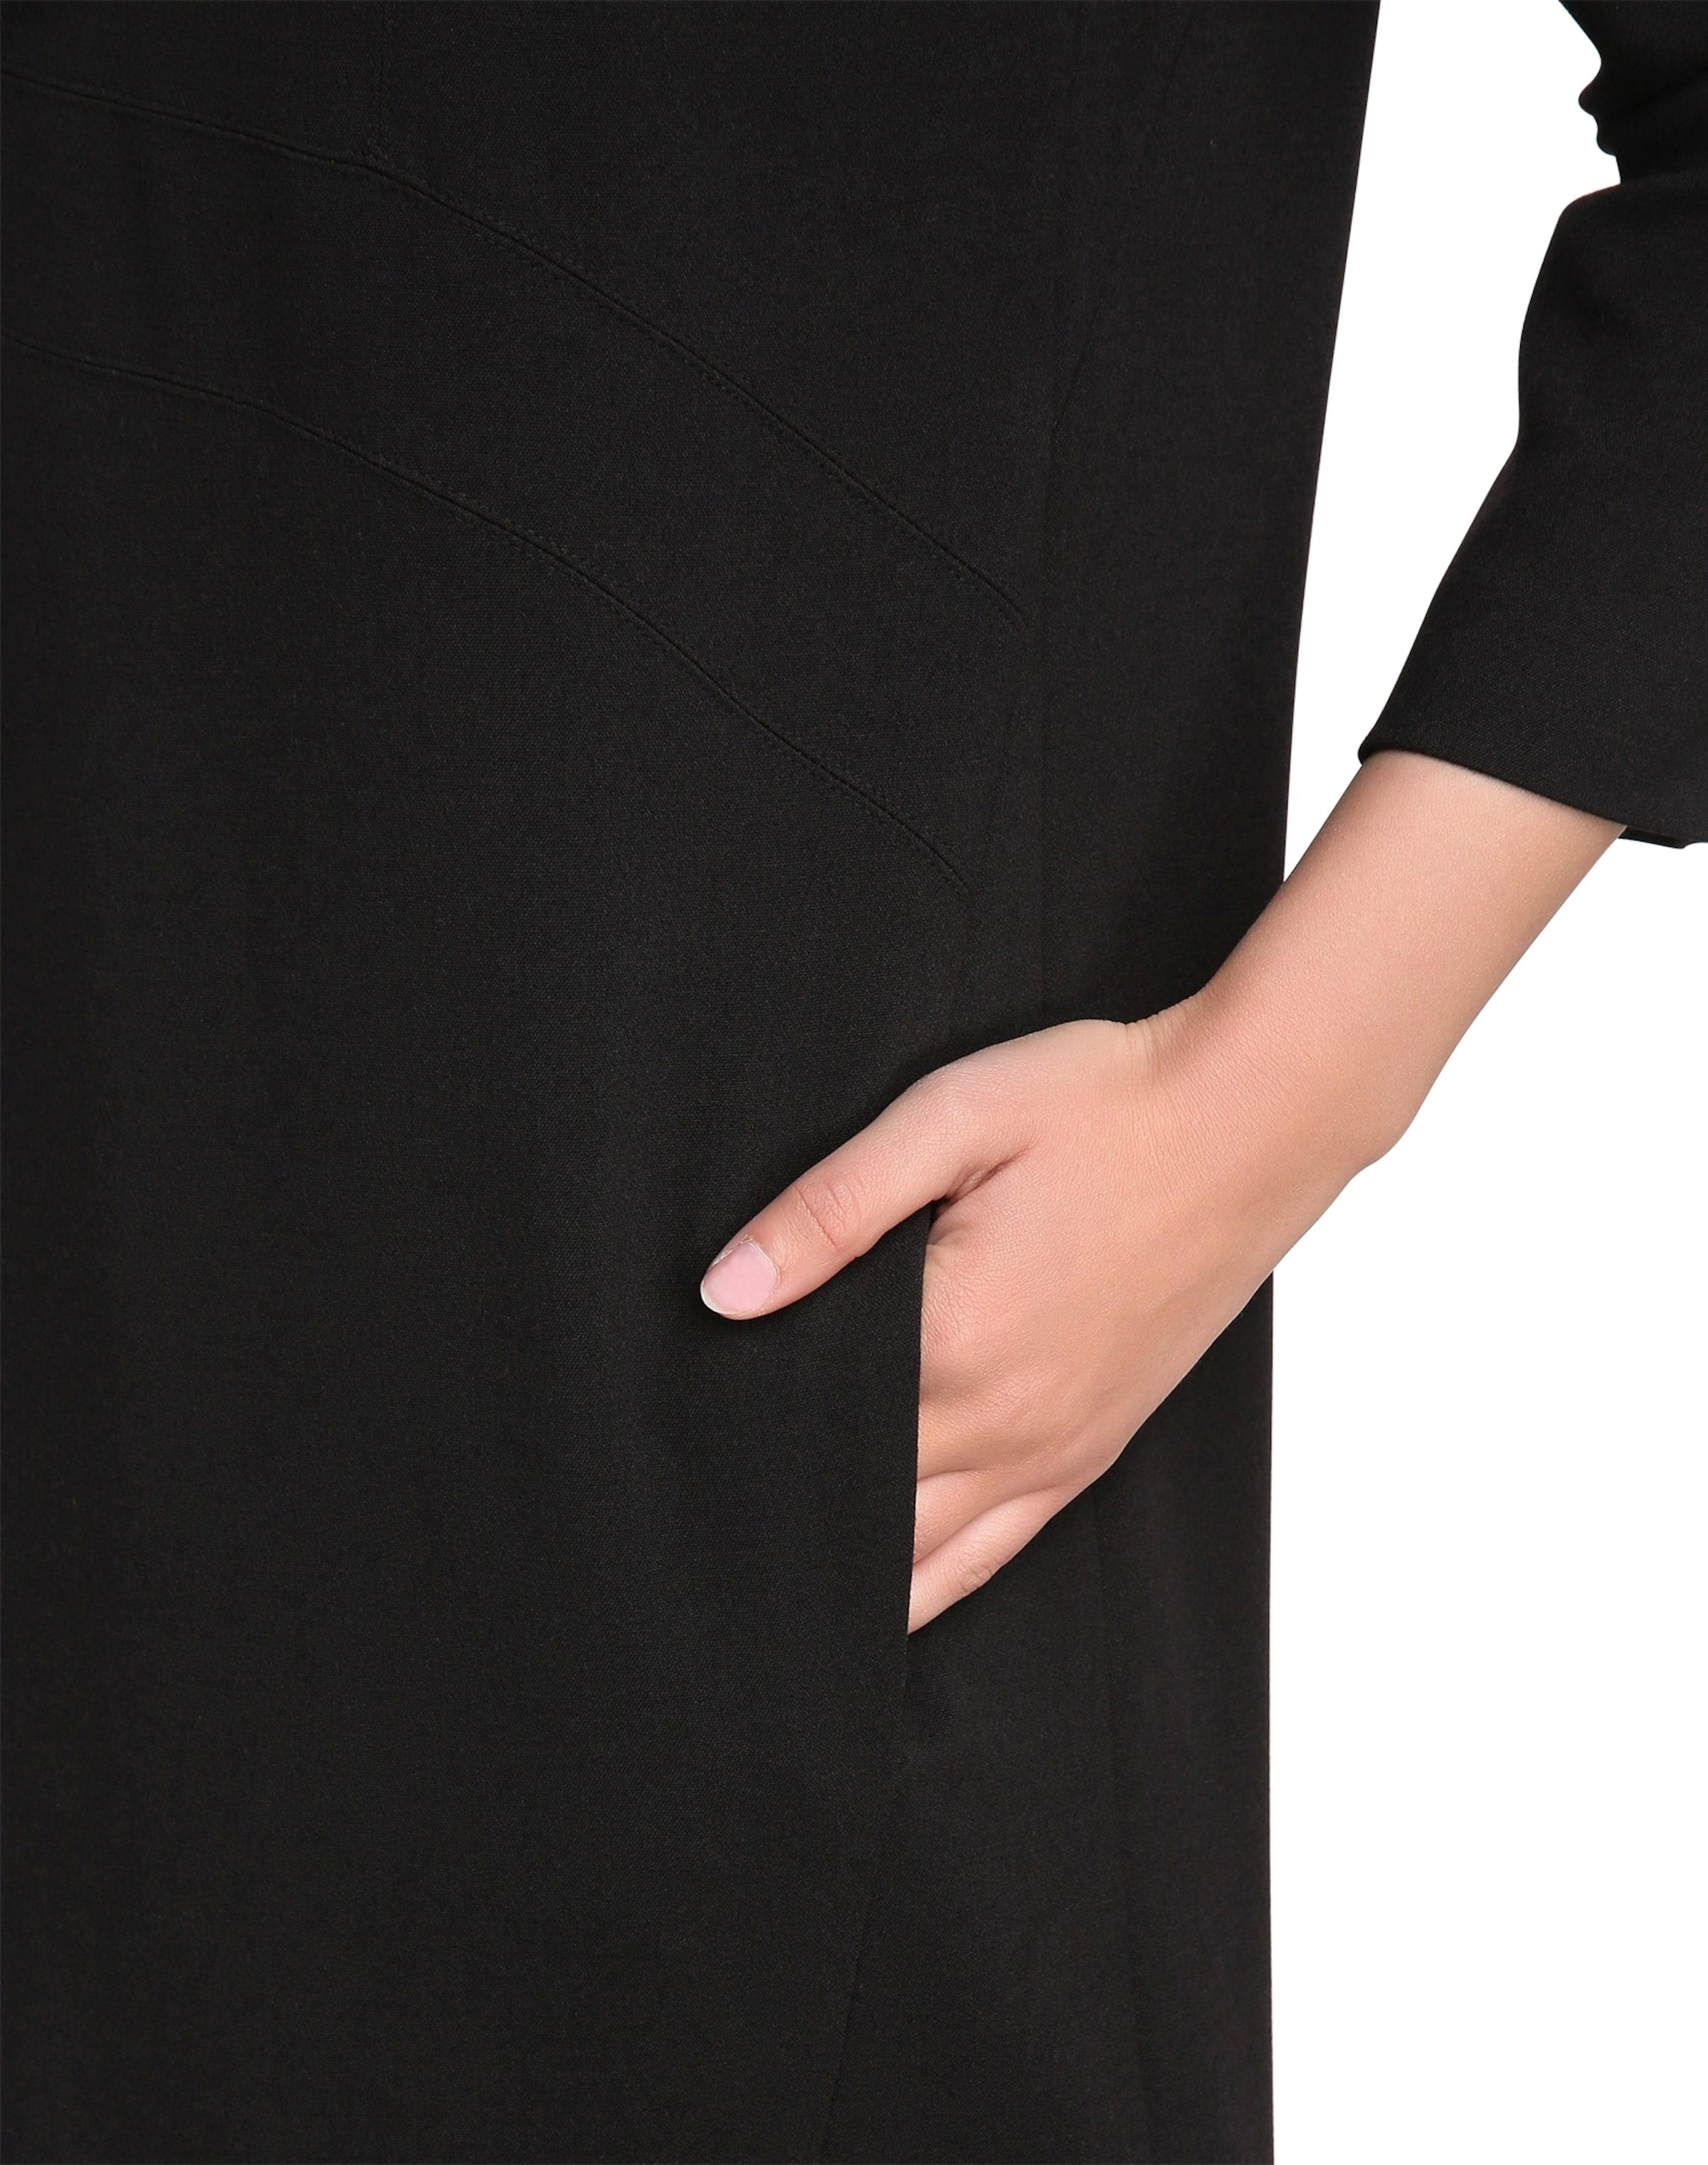 Schwarz Apart bootausschnitt Mit Kleid In U Pk0OZN8Xnw